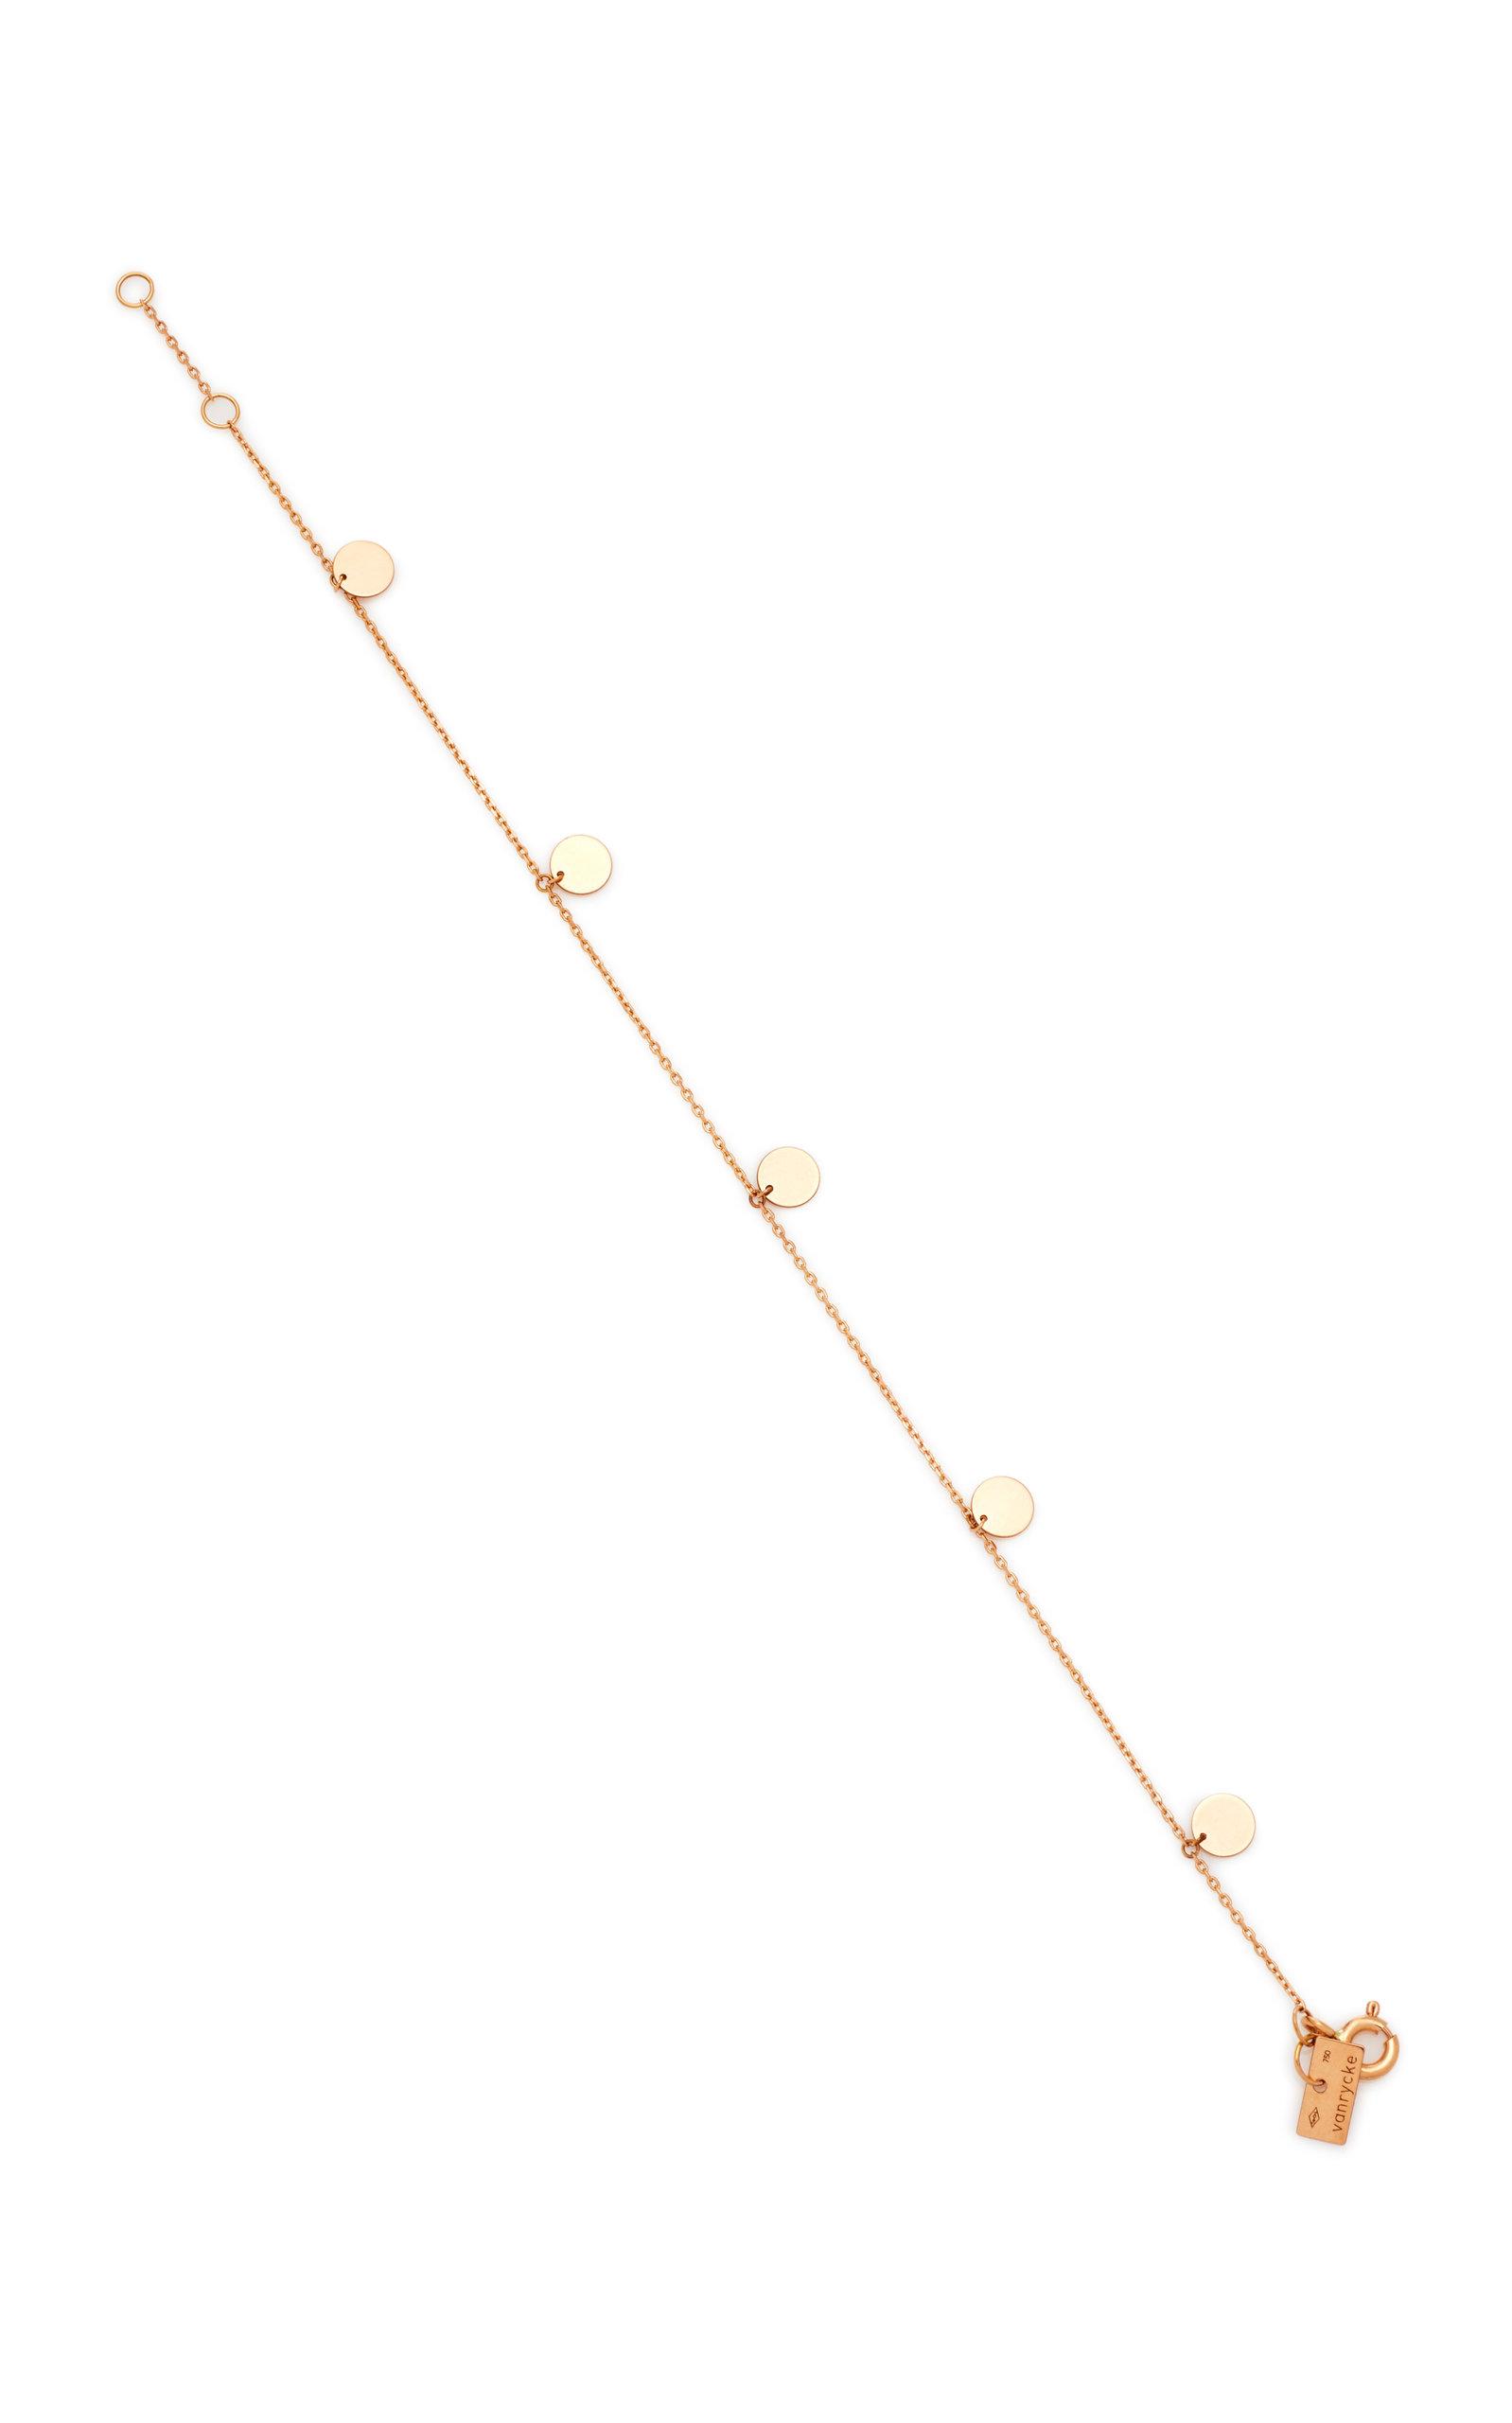 VANRYCKE Marrakech 18K Rose Gold Bracelet